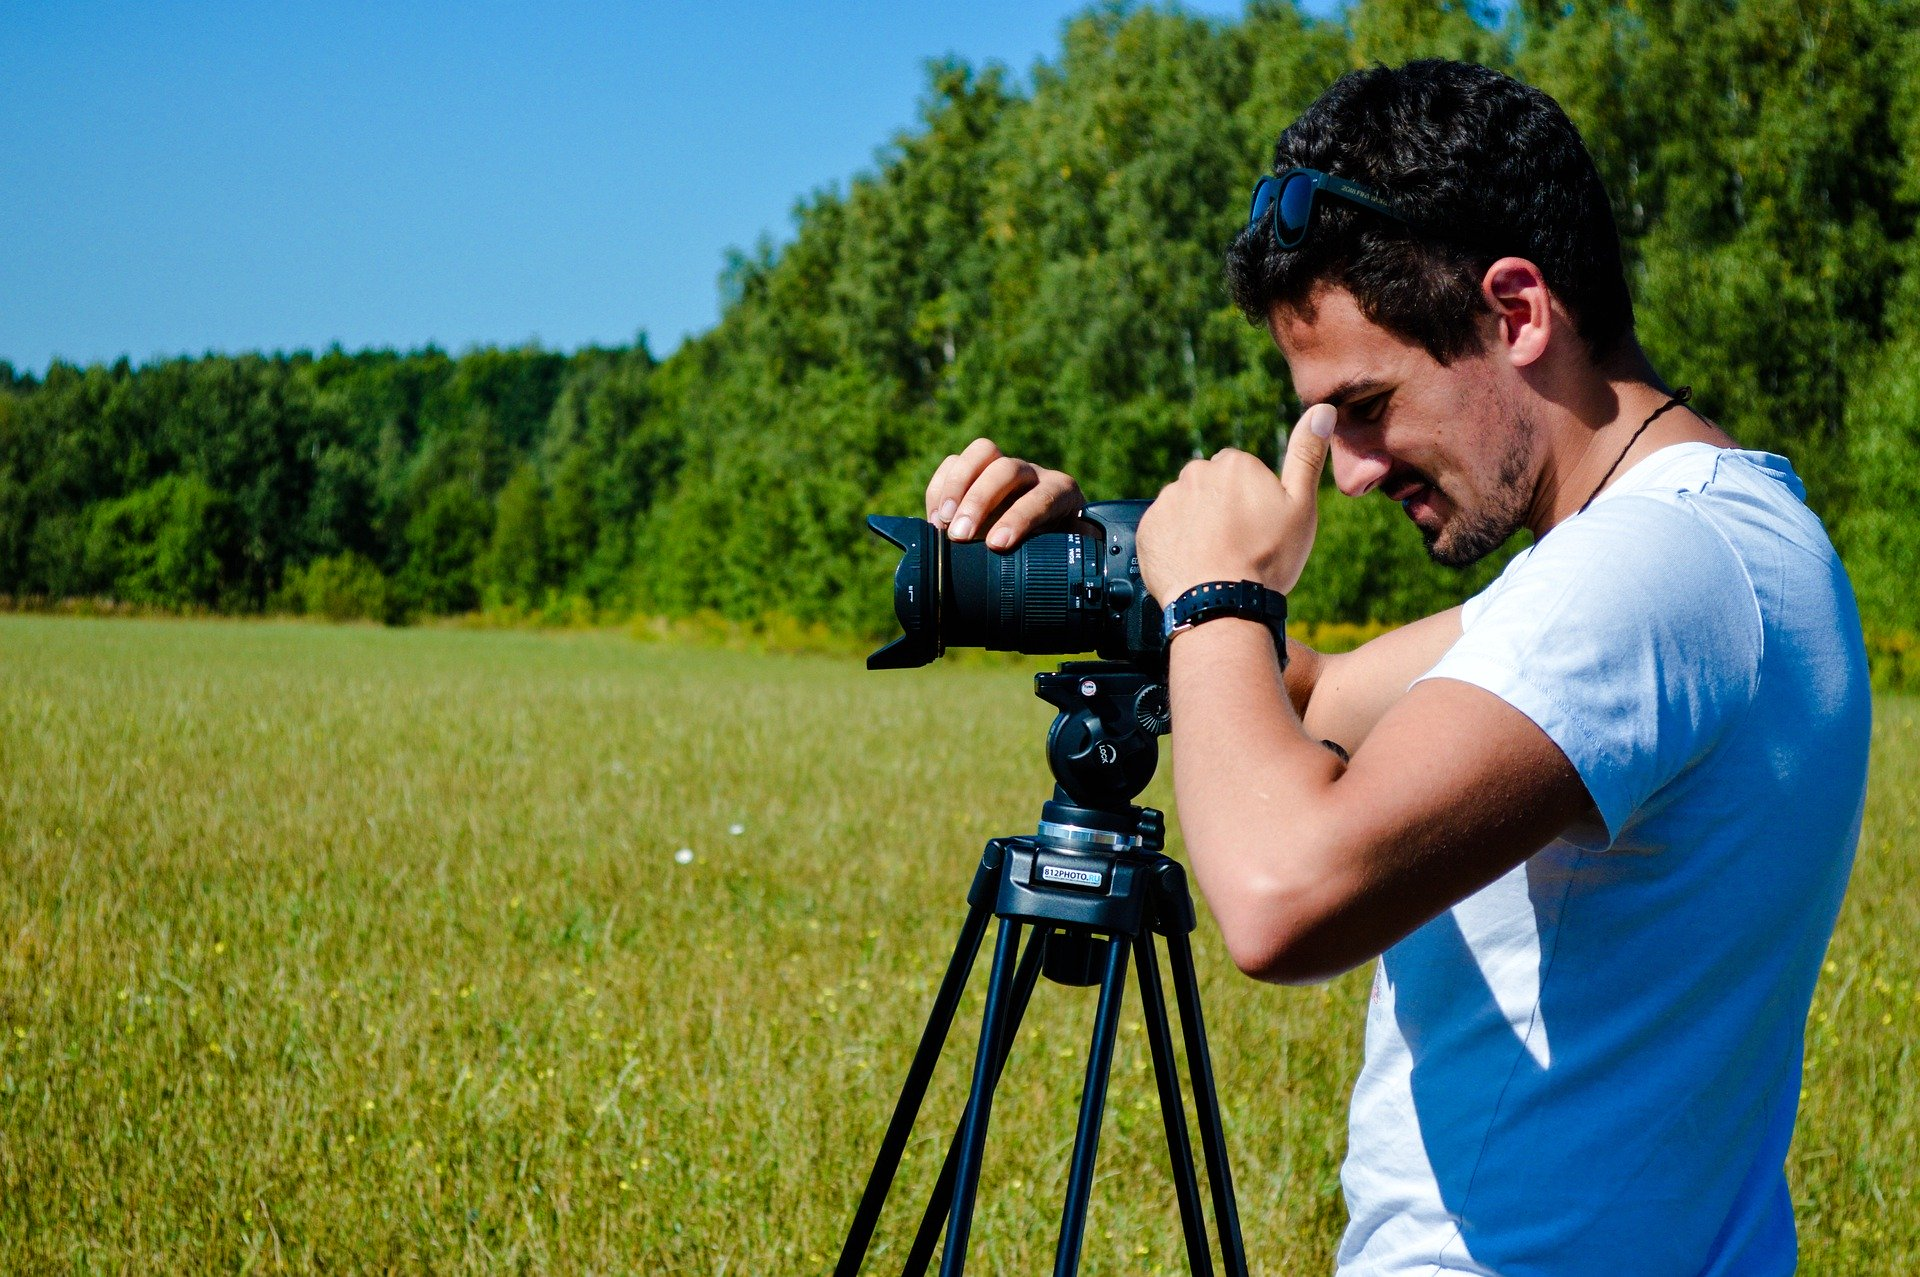 Photographe professionnel : les logiciels incontournables